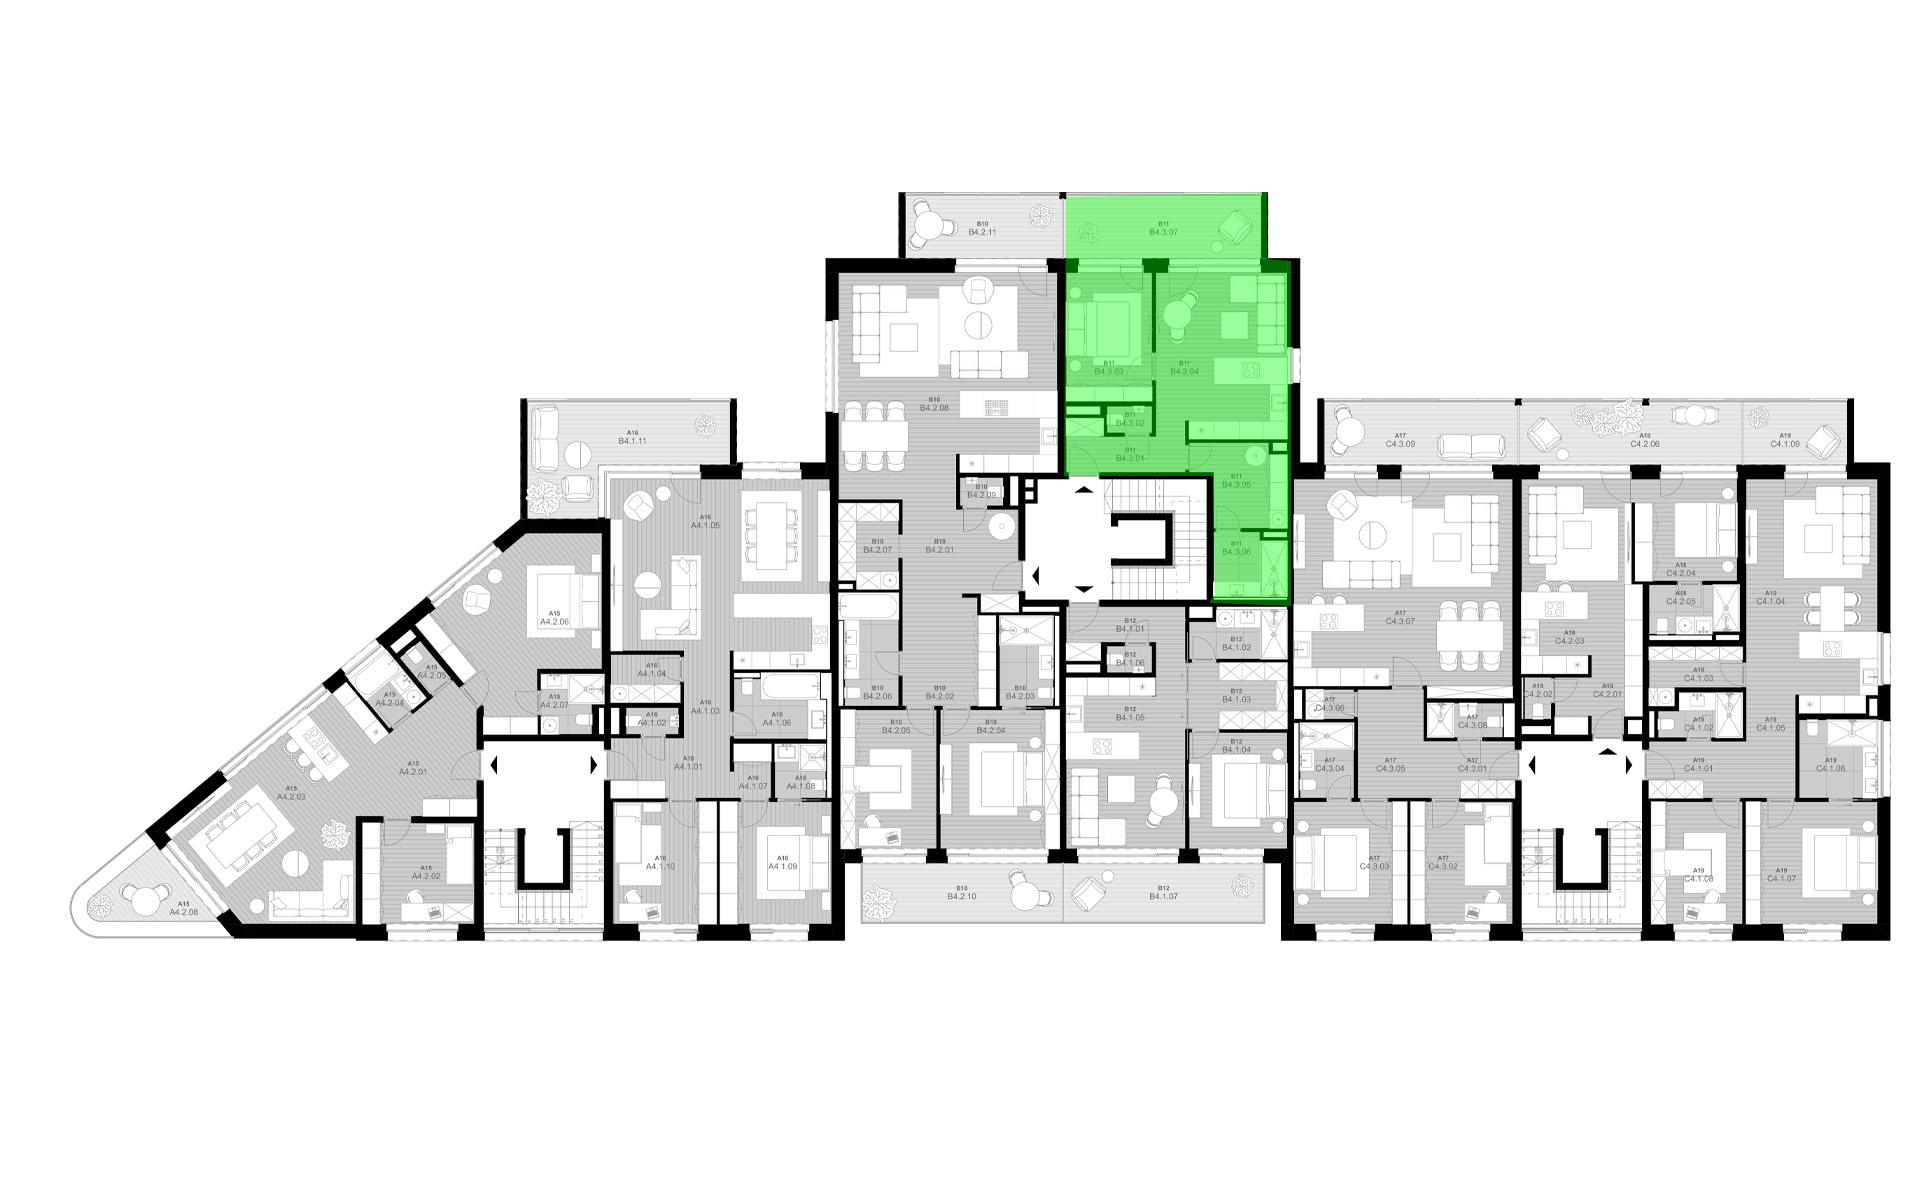 rezidencia K Železnej Studienke - pôdorys so zvýraznením bytu B4.3